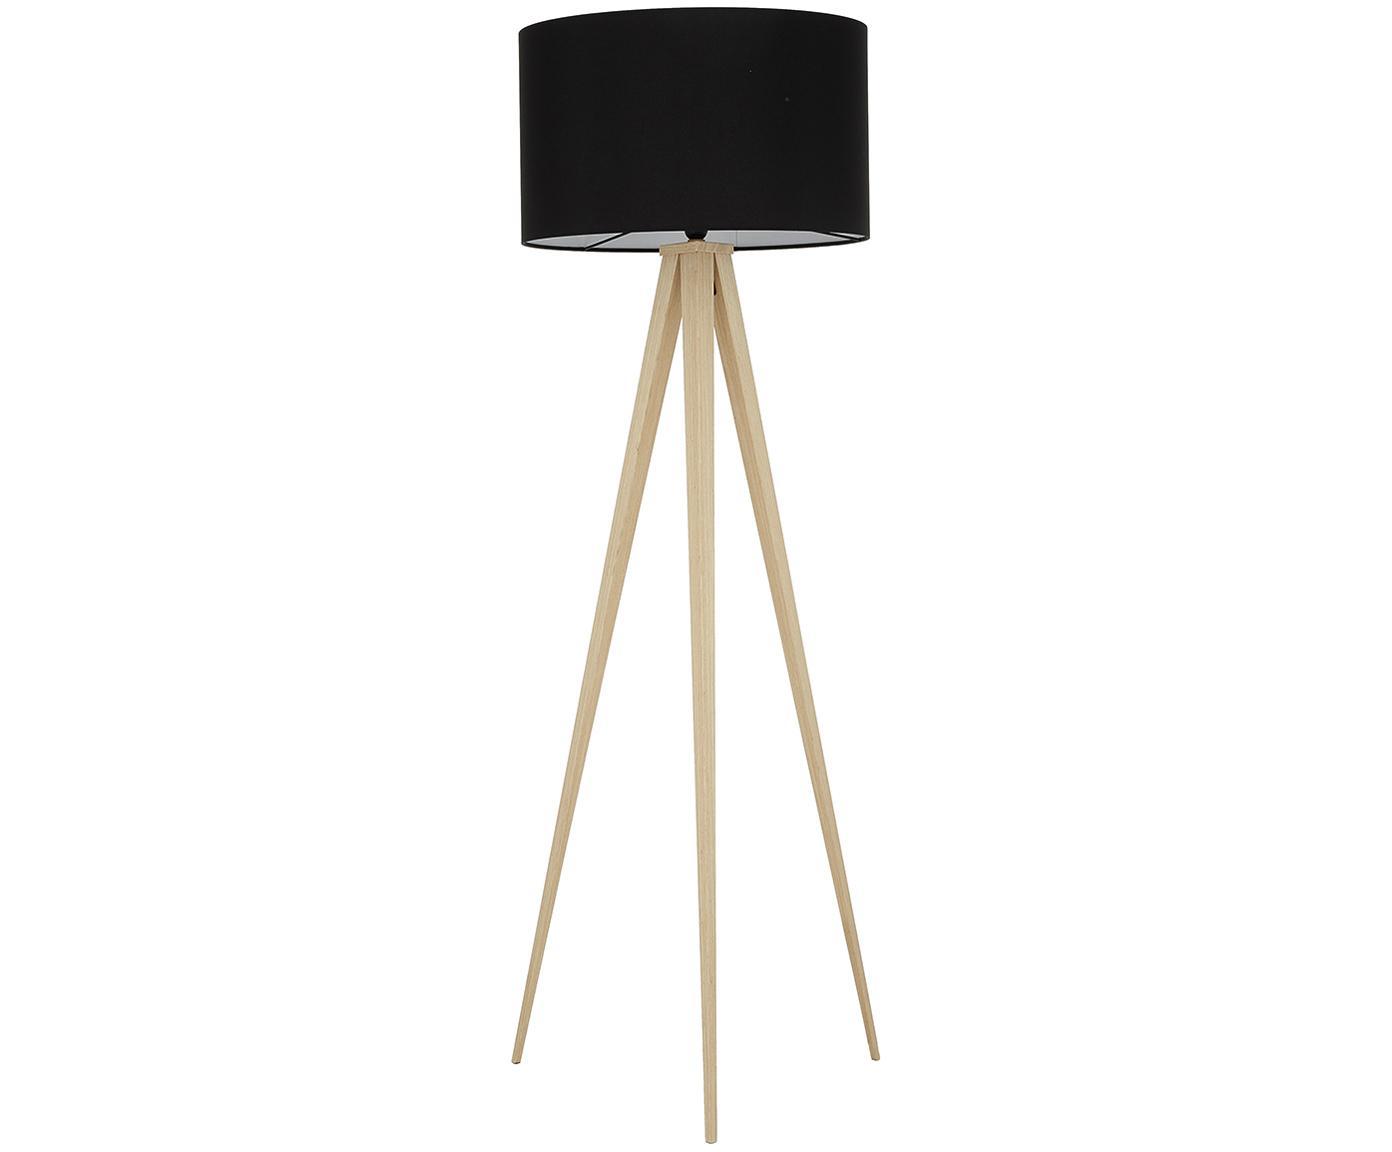 Stehlampe Jake, Lampenschirm: Baumwolle, Lampenschirm: SchwarzLampenfuss: Holzfurnier, Ø 50 x H 154 cm